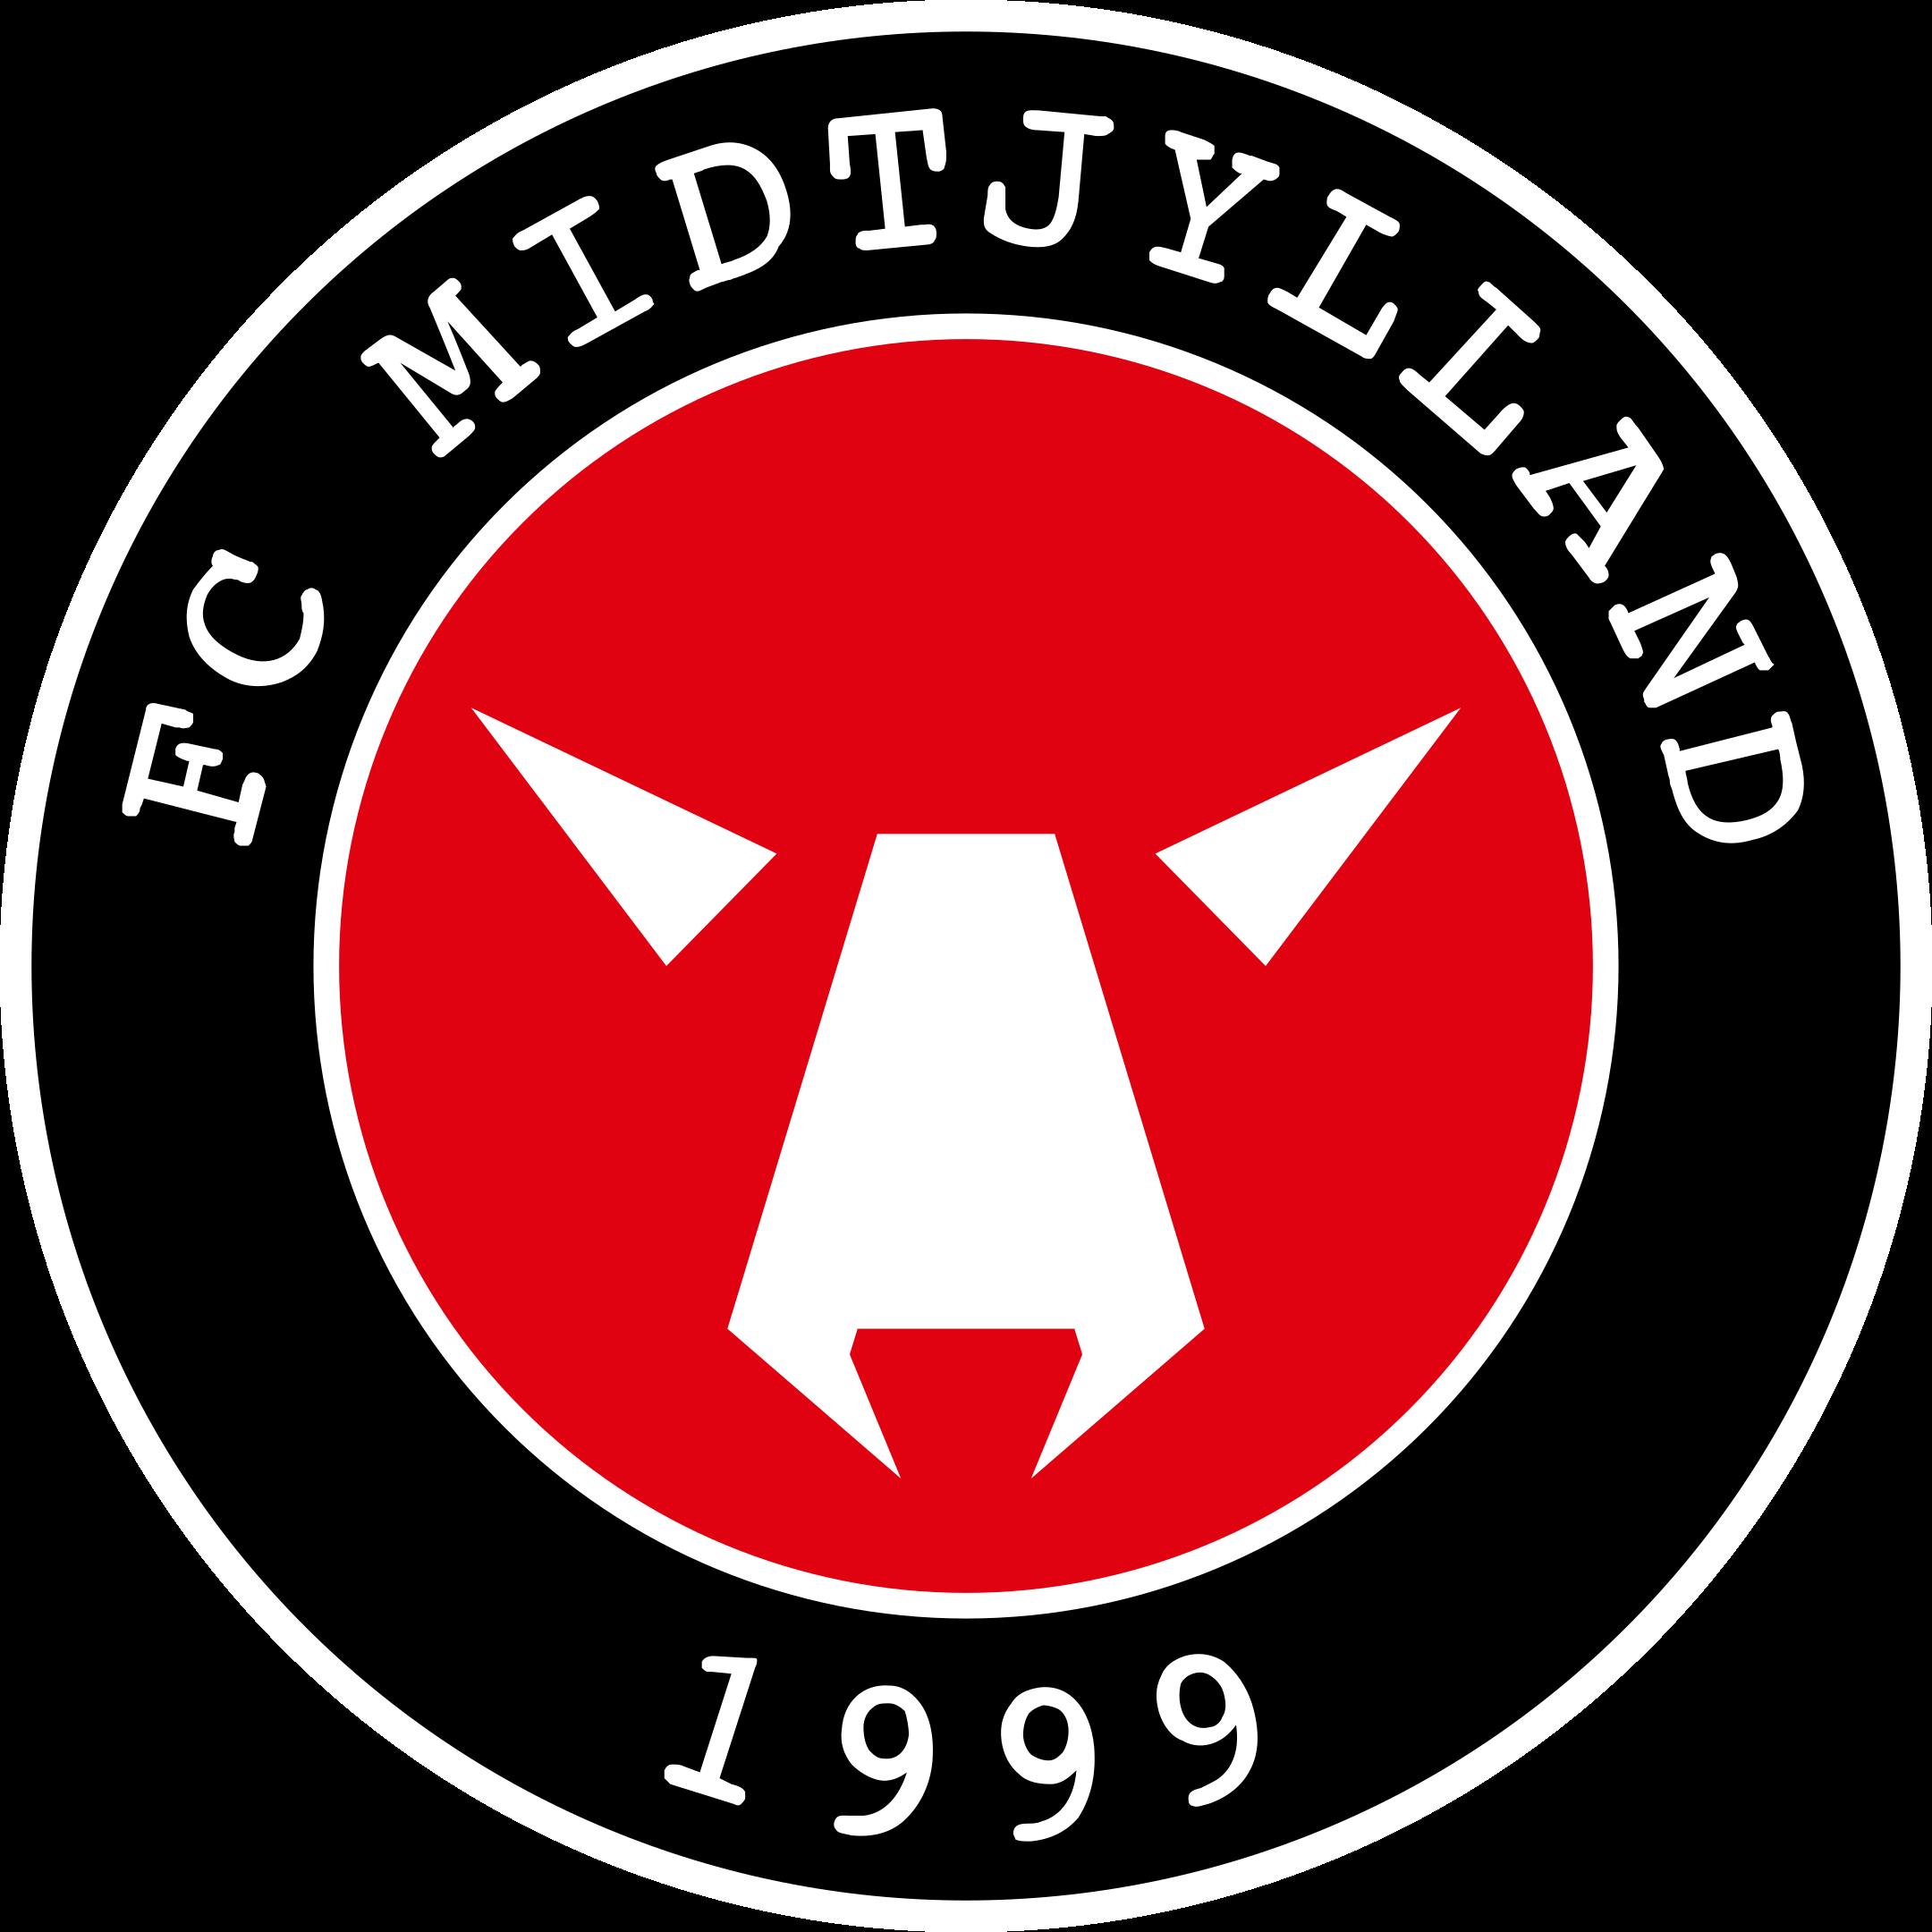 fc midtjylland logo 1 - FC Midtjylland Logo